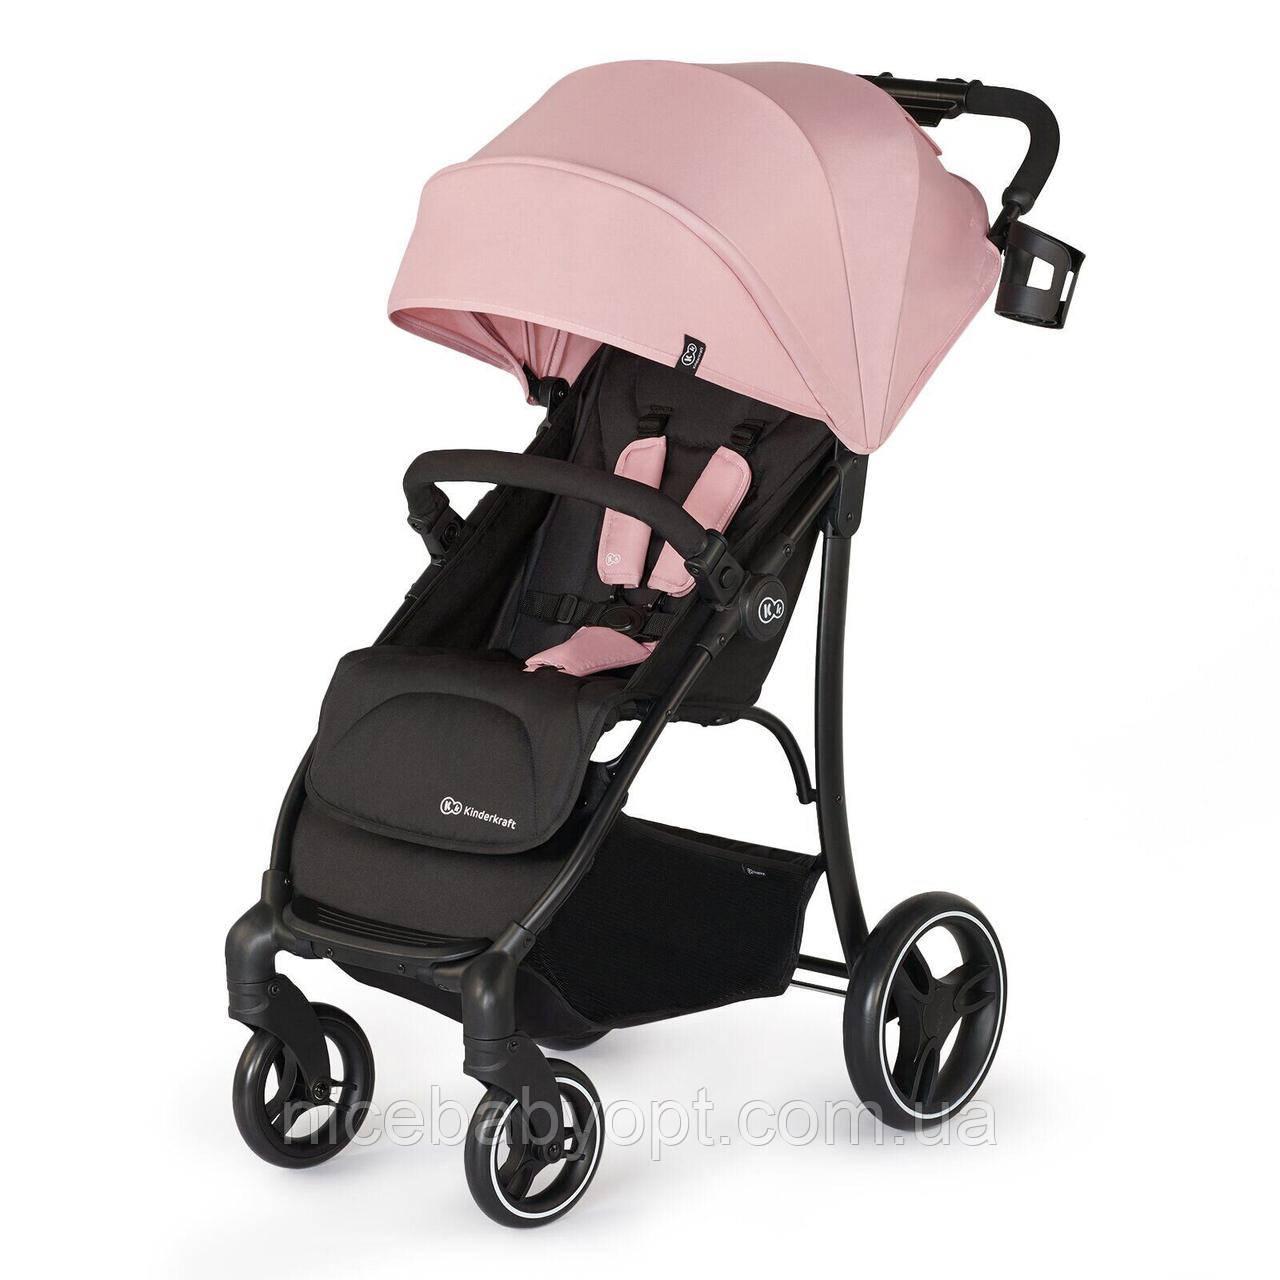 Прогулочная коляска Kinderkraft Trig Pink